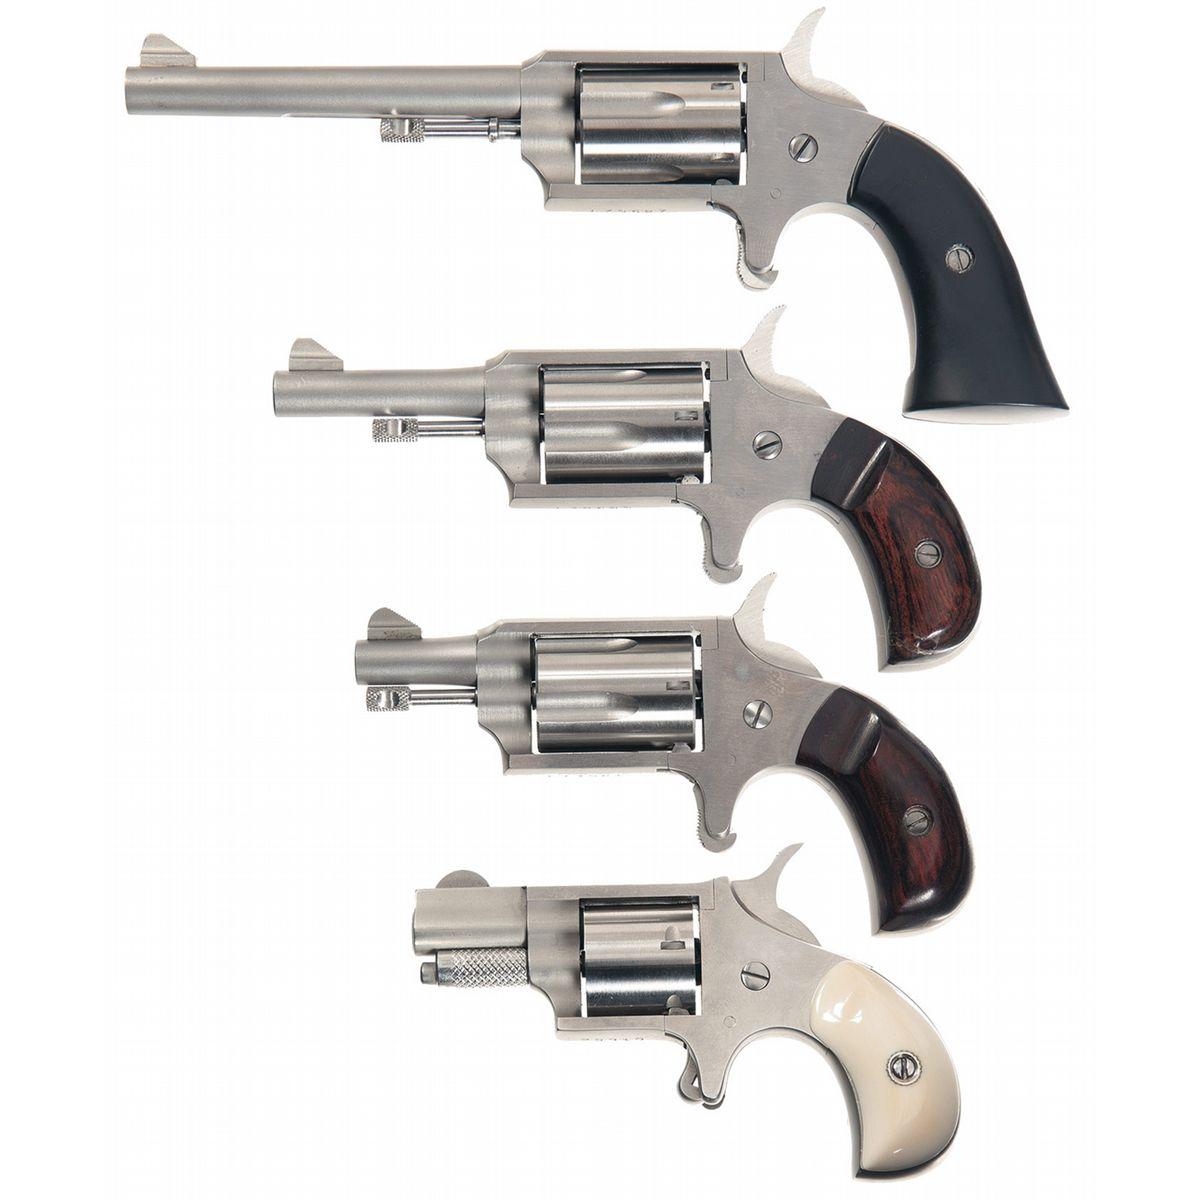 Four Single Action Mini Revolvers